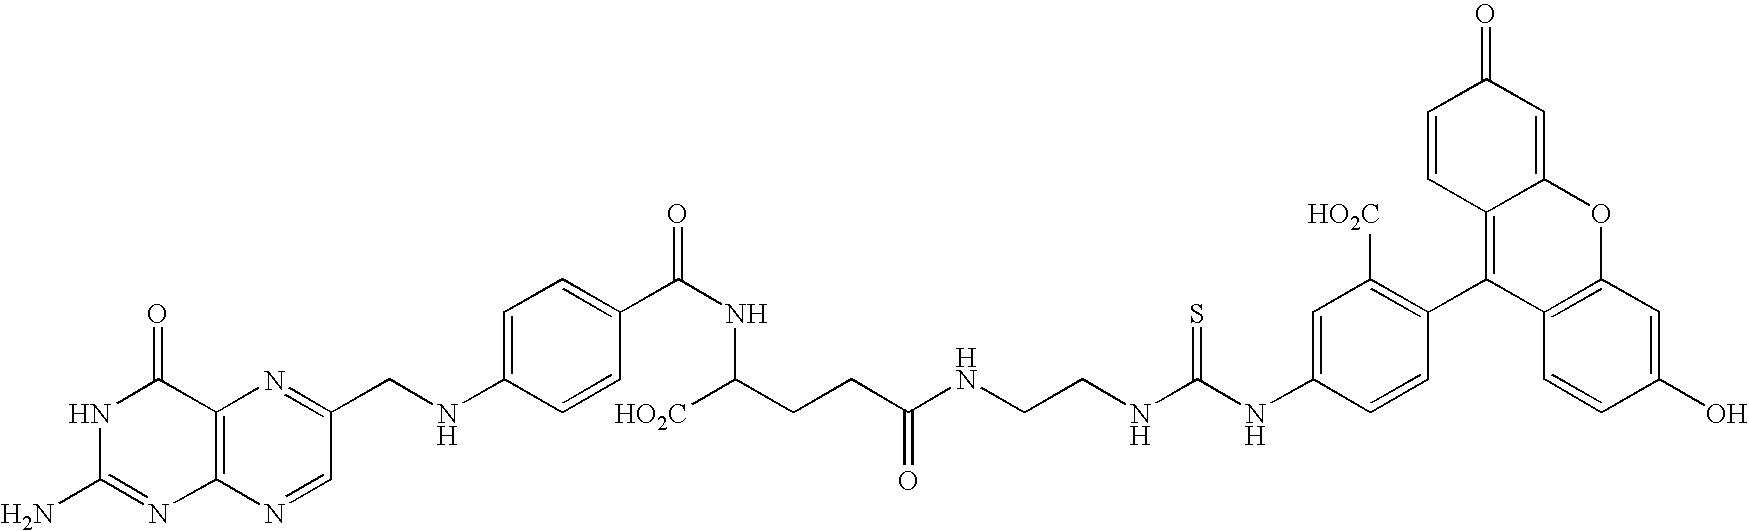 Figure US20100272675A1-20101028-C00009